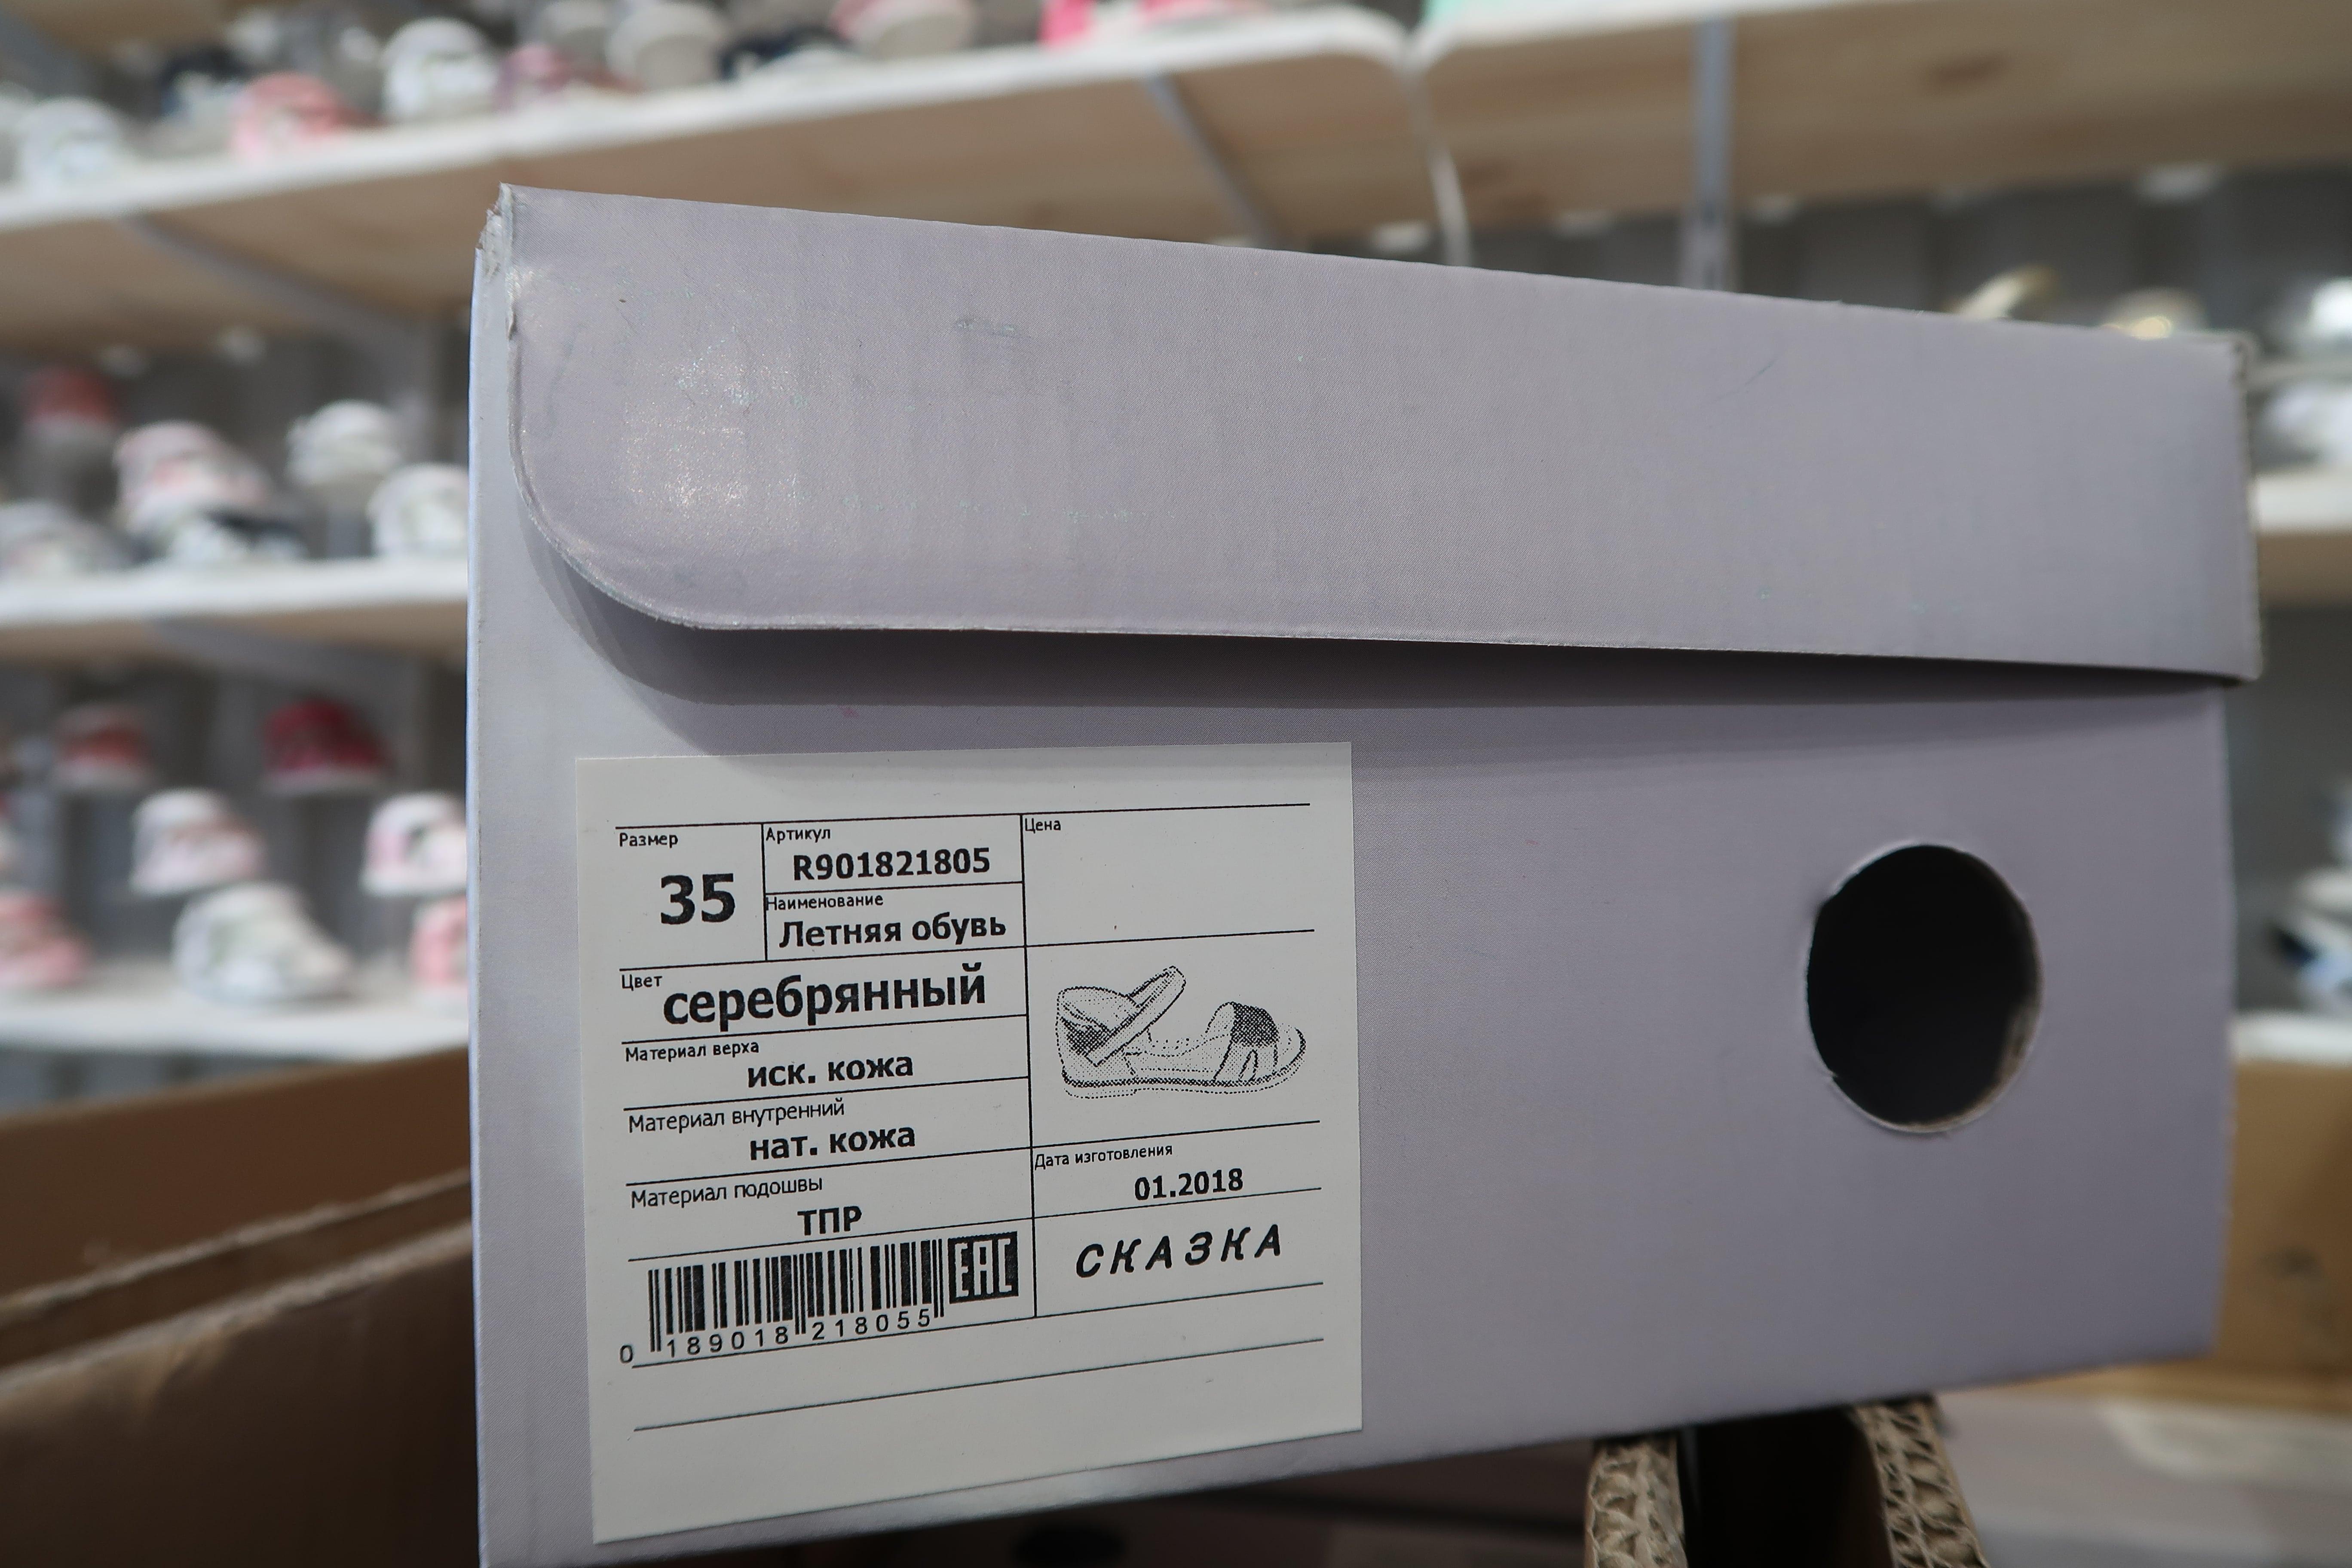 Коробка дитячого взуття Weestep